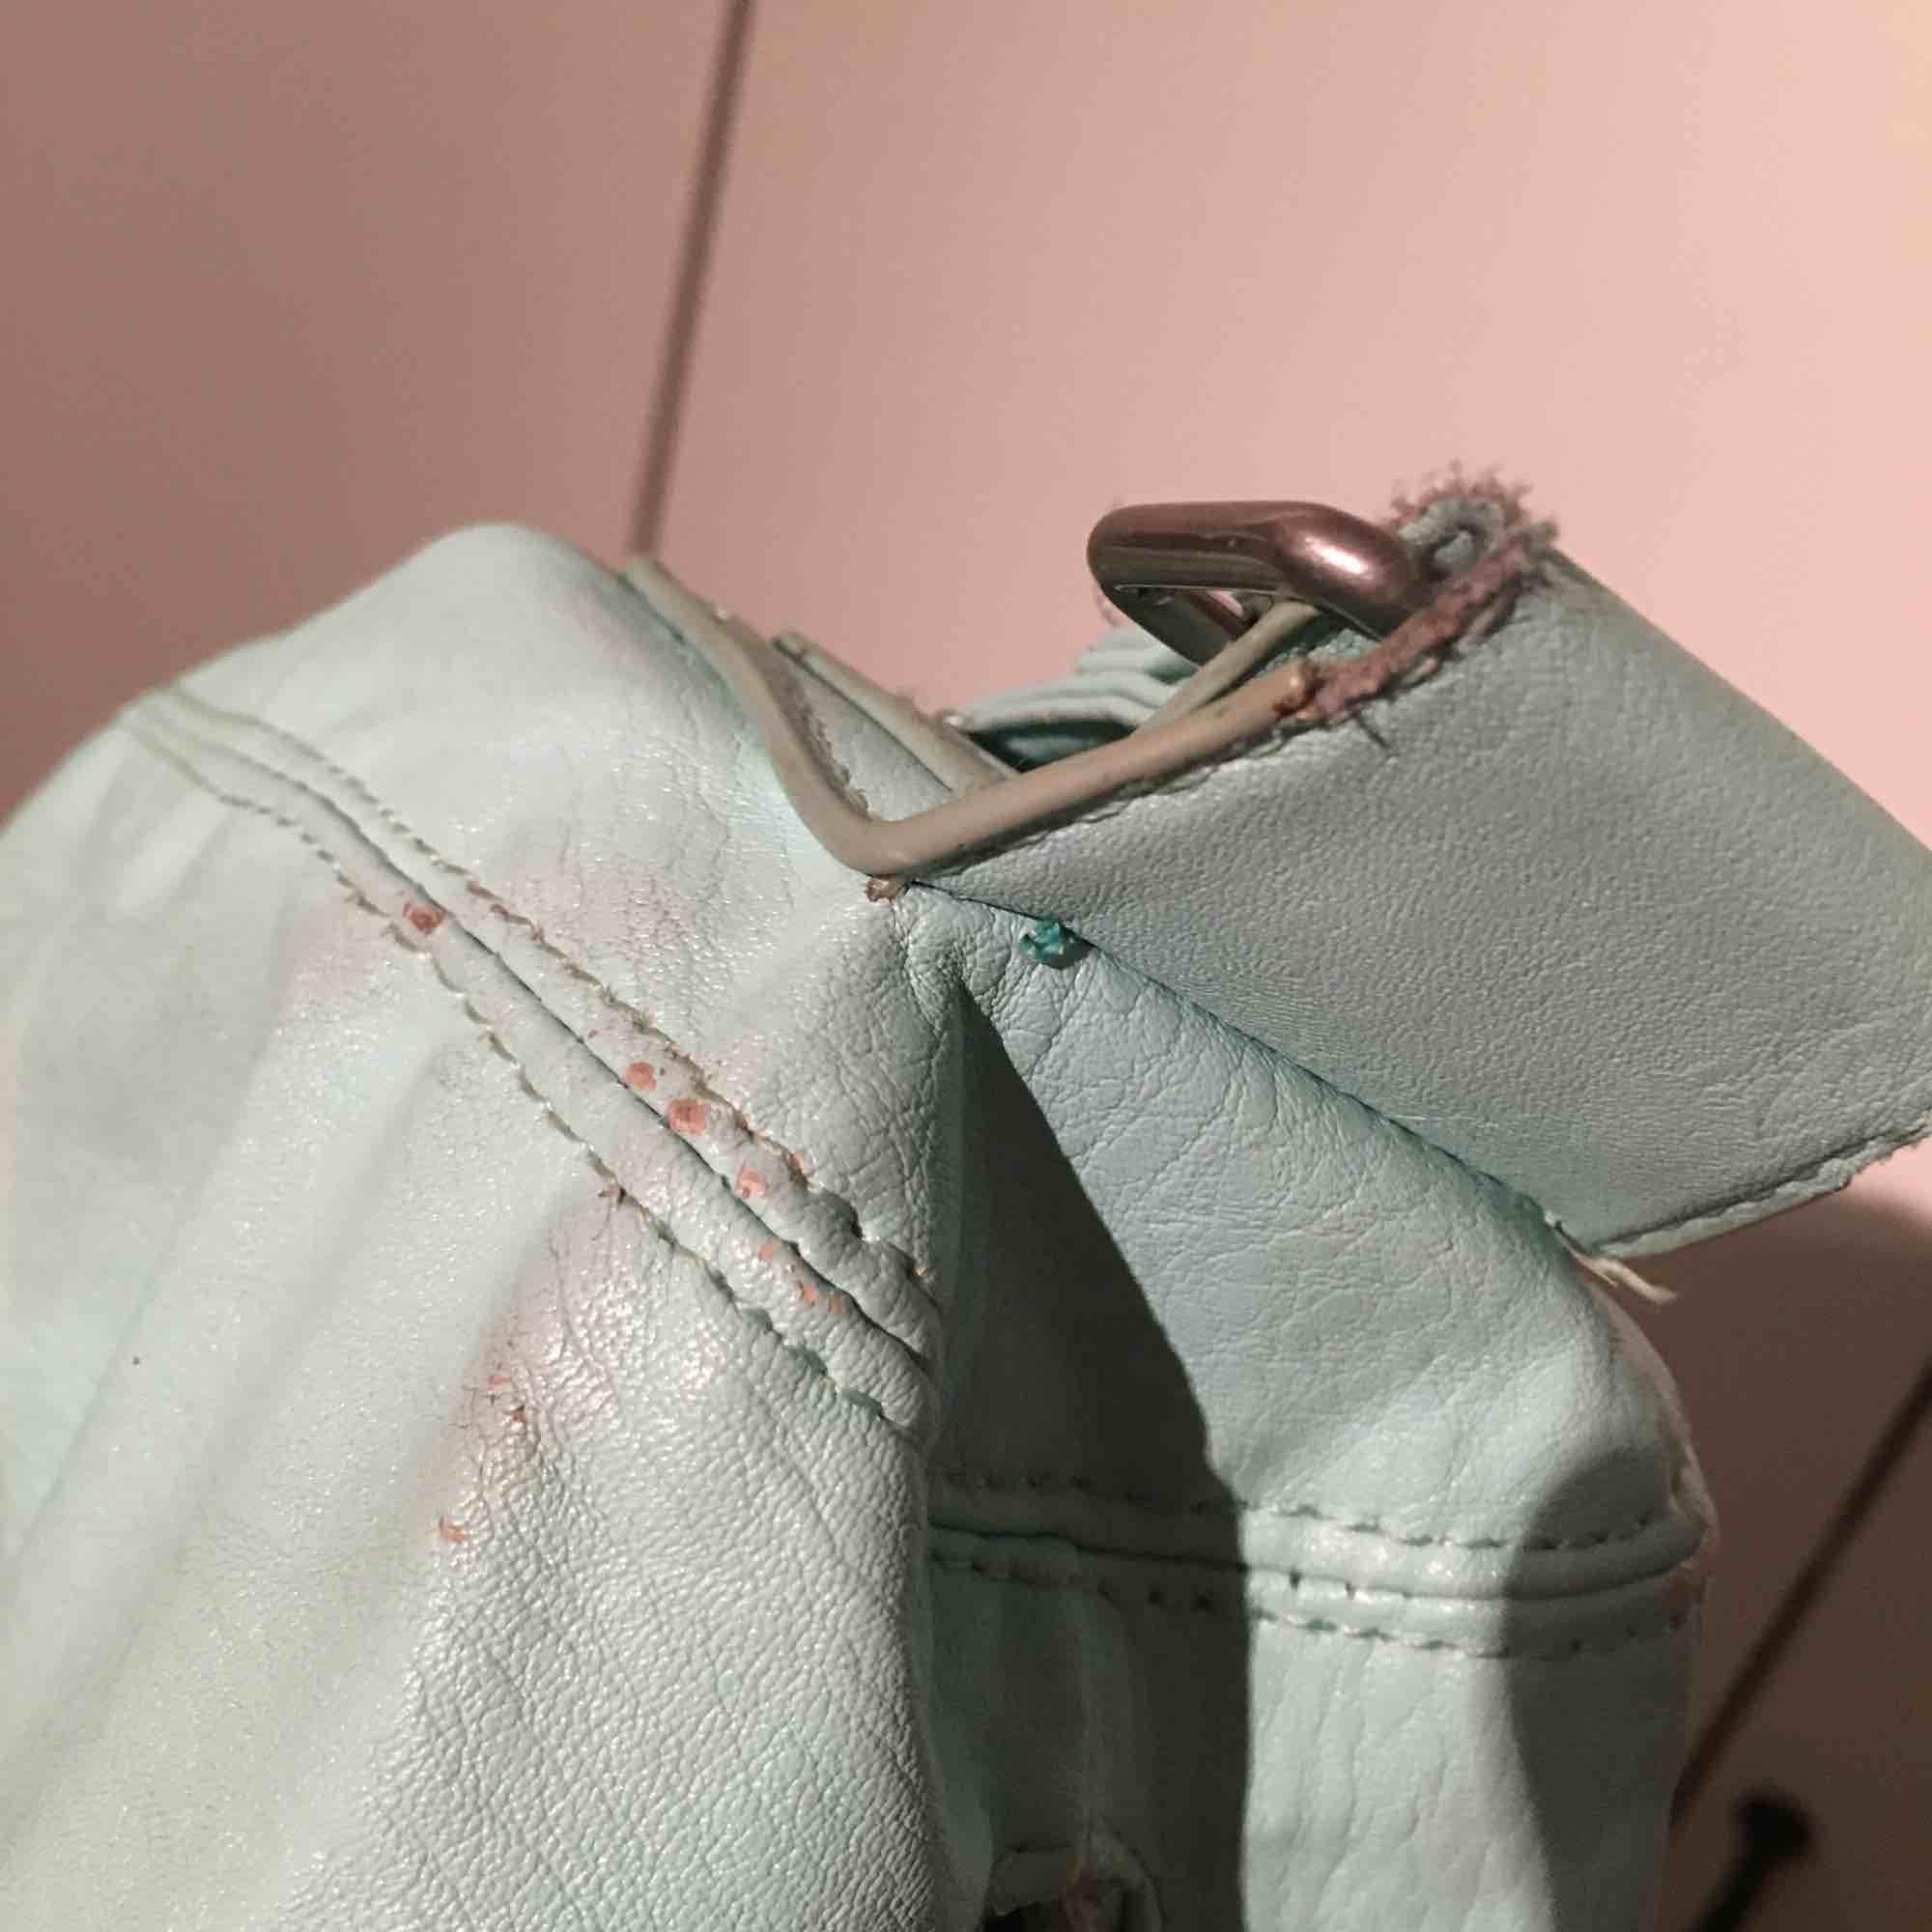 Turkos fakeläder väska. Bra begagnat skick. Någon liten slitning (se bild 3). Prickig insida med tre innerfack (se bild 2).   Mått (cm) 31x45x18. Jag kan posta eller mötas i Uppsala/Täby. Betalning sker genom swish eller kontant.  . Väskor.